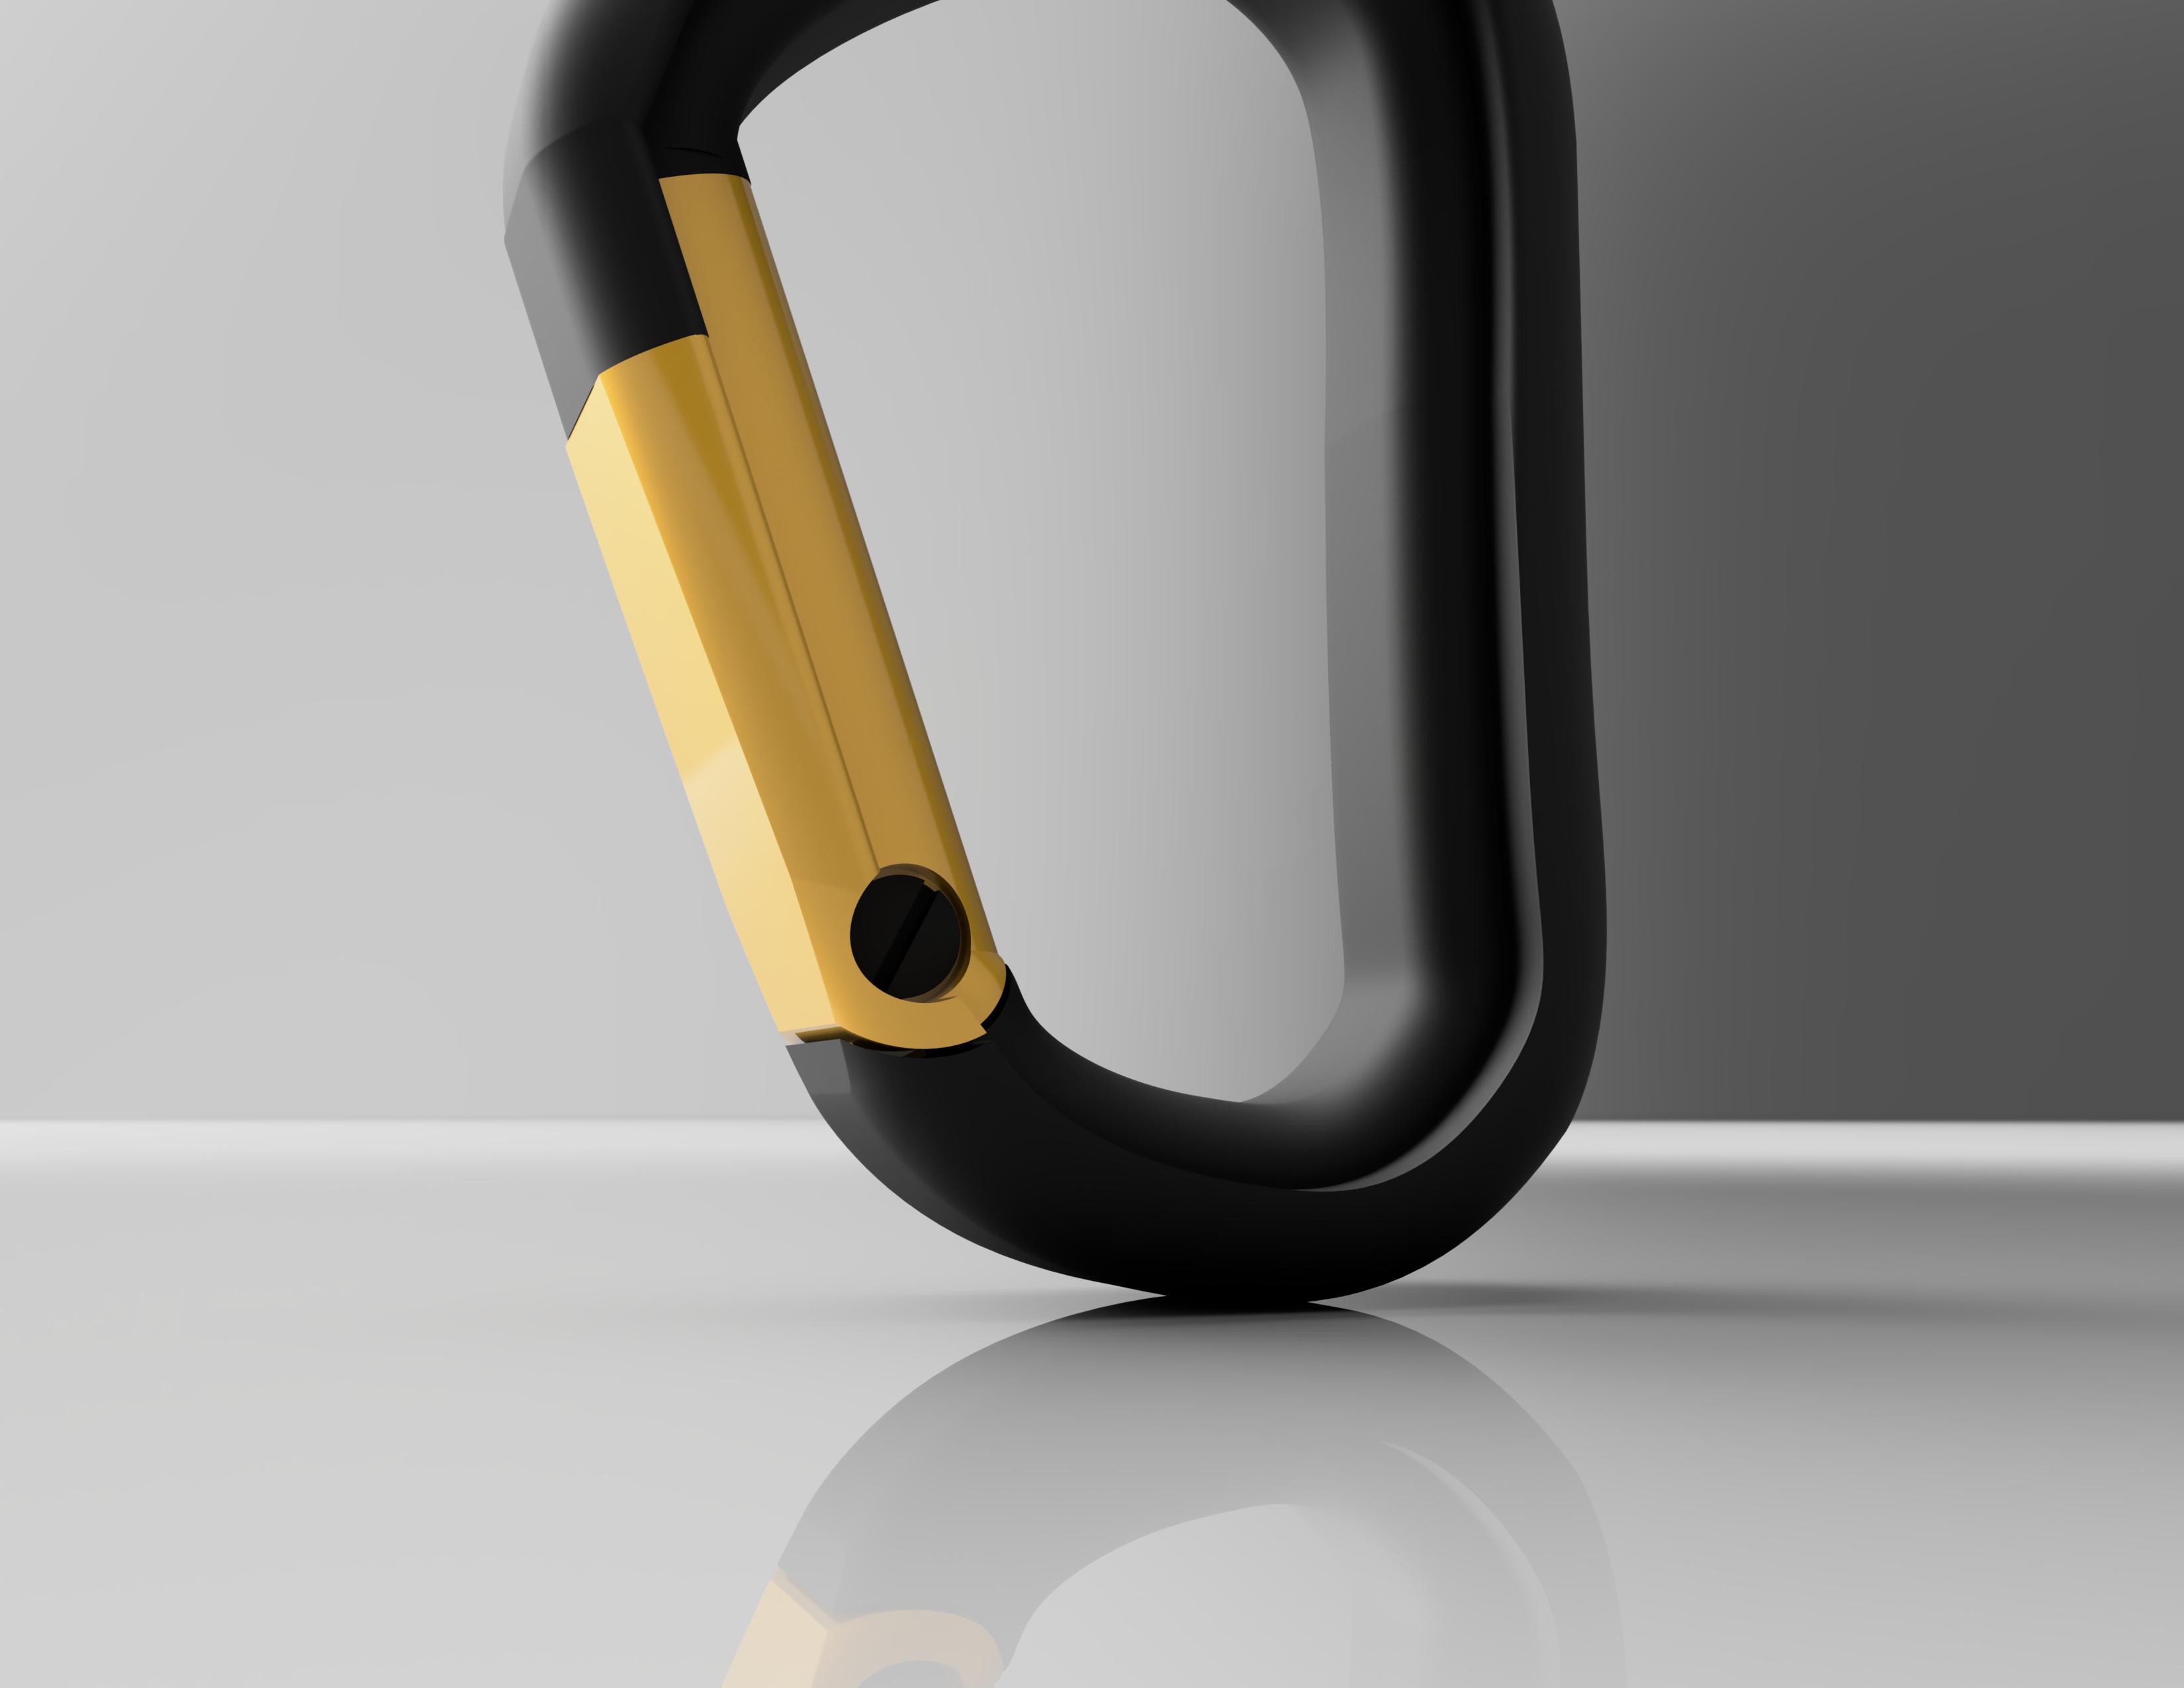 Mosqueton_Black_Diamong_2019-Oct-31_06-02-22AM-000_CustomizedView17251420439_jpg.jpg Download STL file Carabiner / Carabineer - Spartan Carabiner - • 3D printable design, CHKDesign